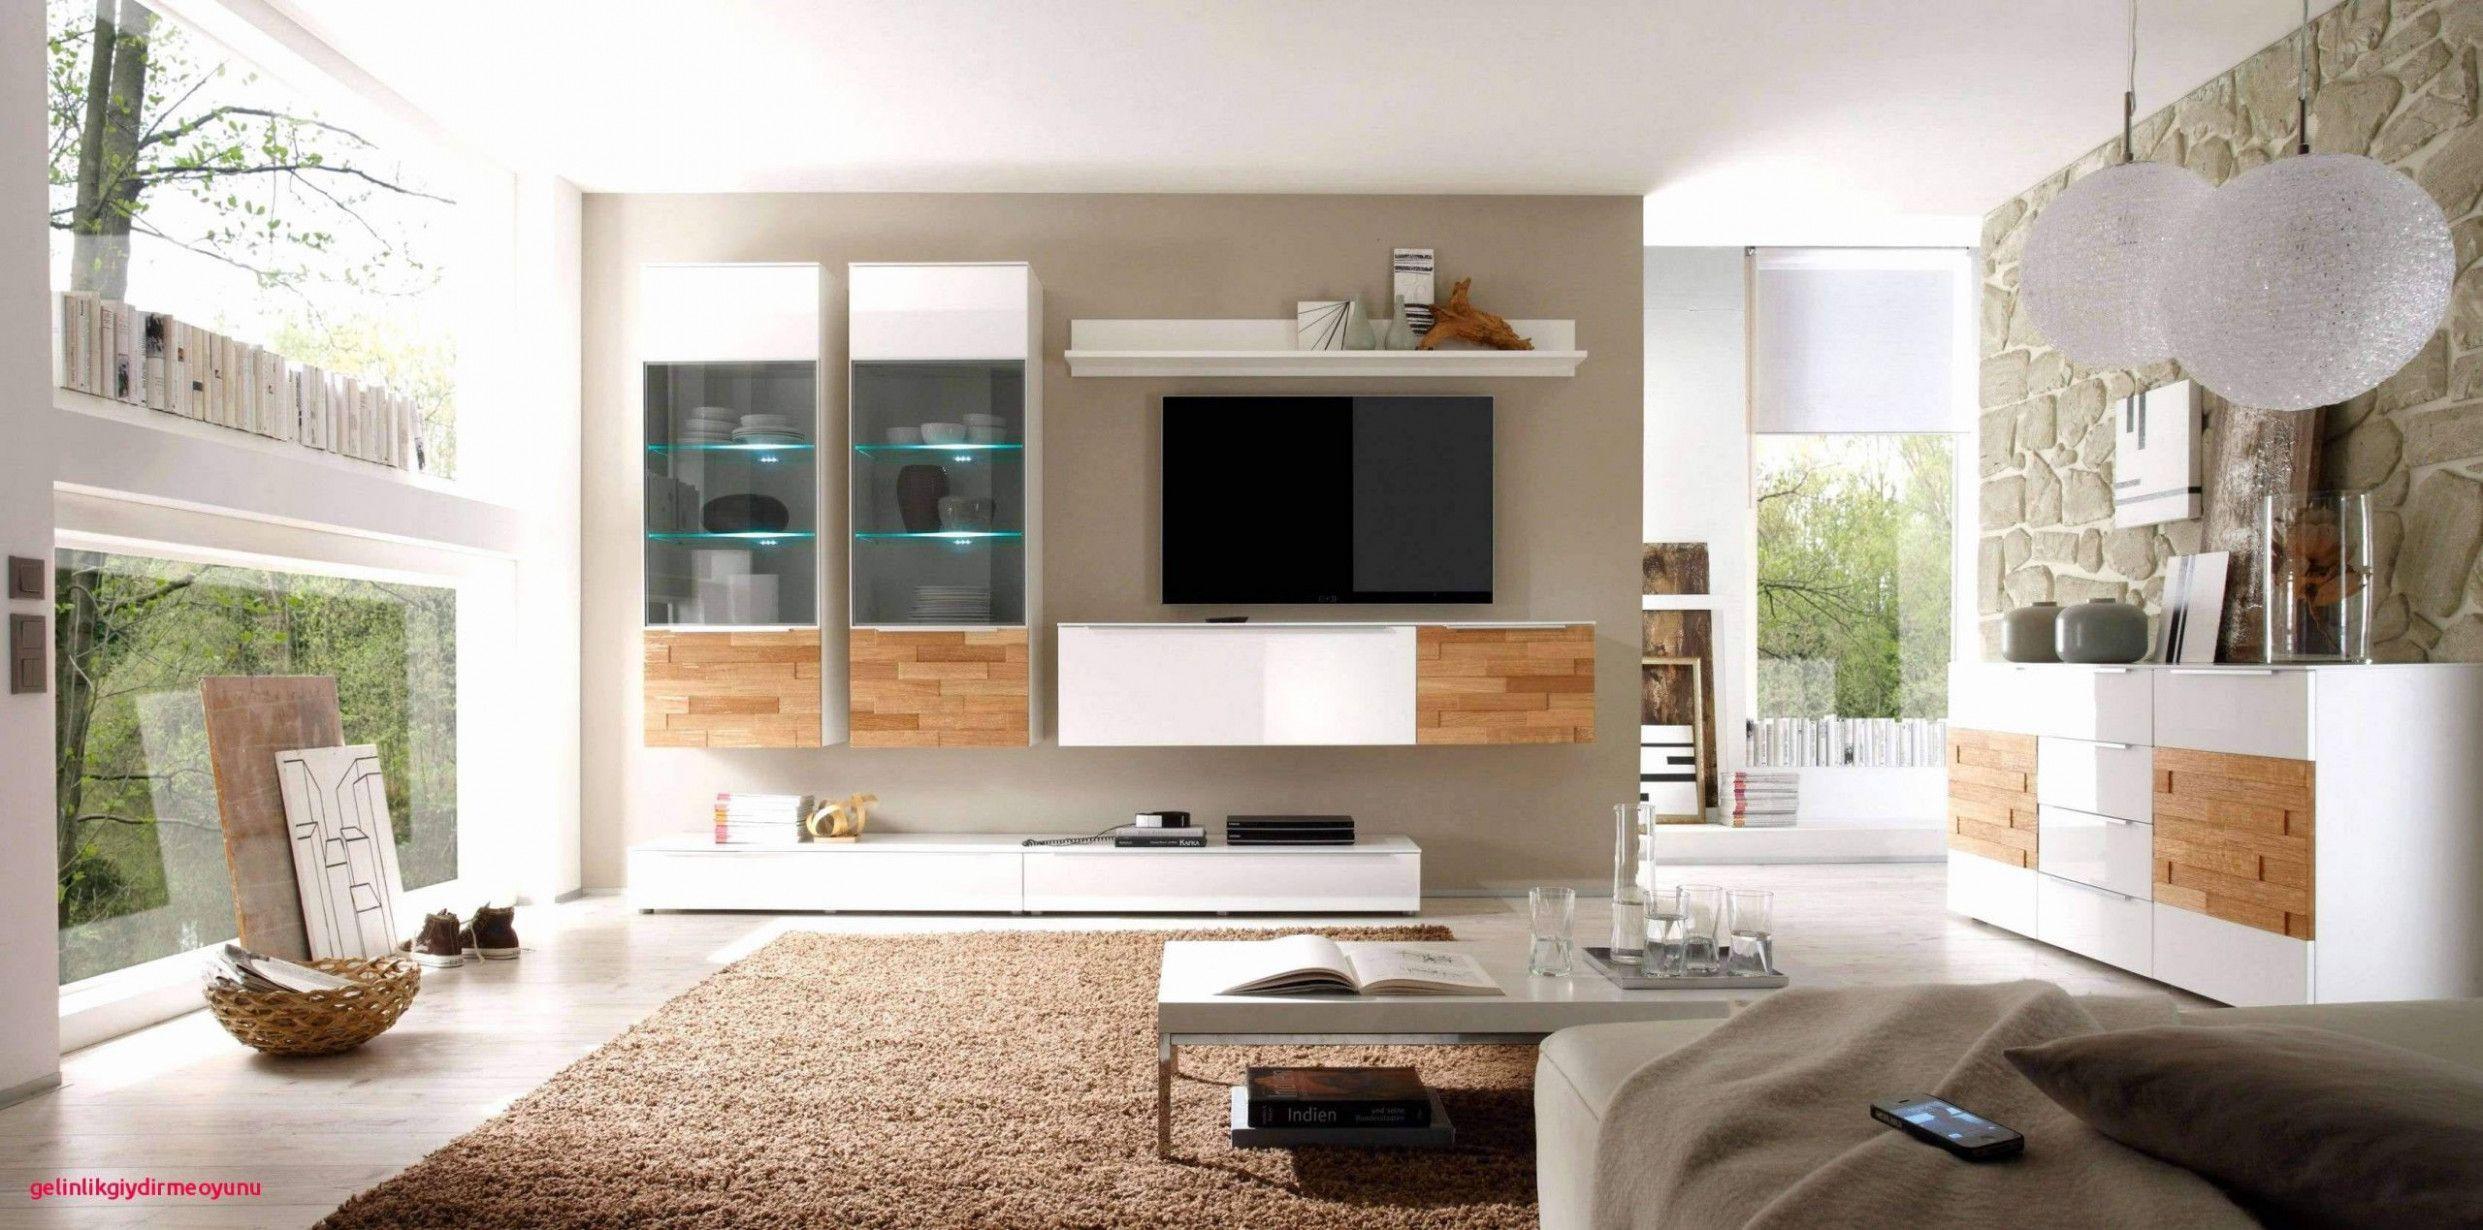 7 Wohnzimmer Dekoration Holz di 7  Ide dekorasi rumah, Gaya